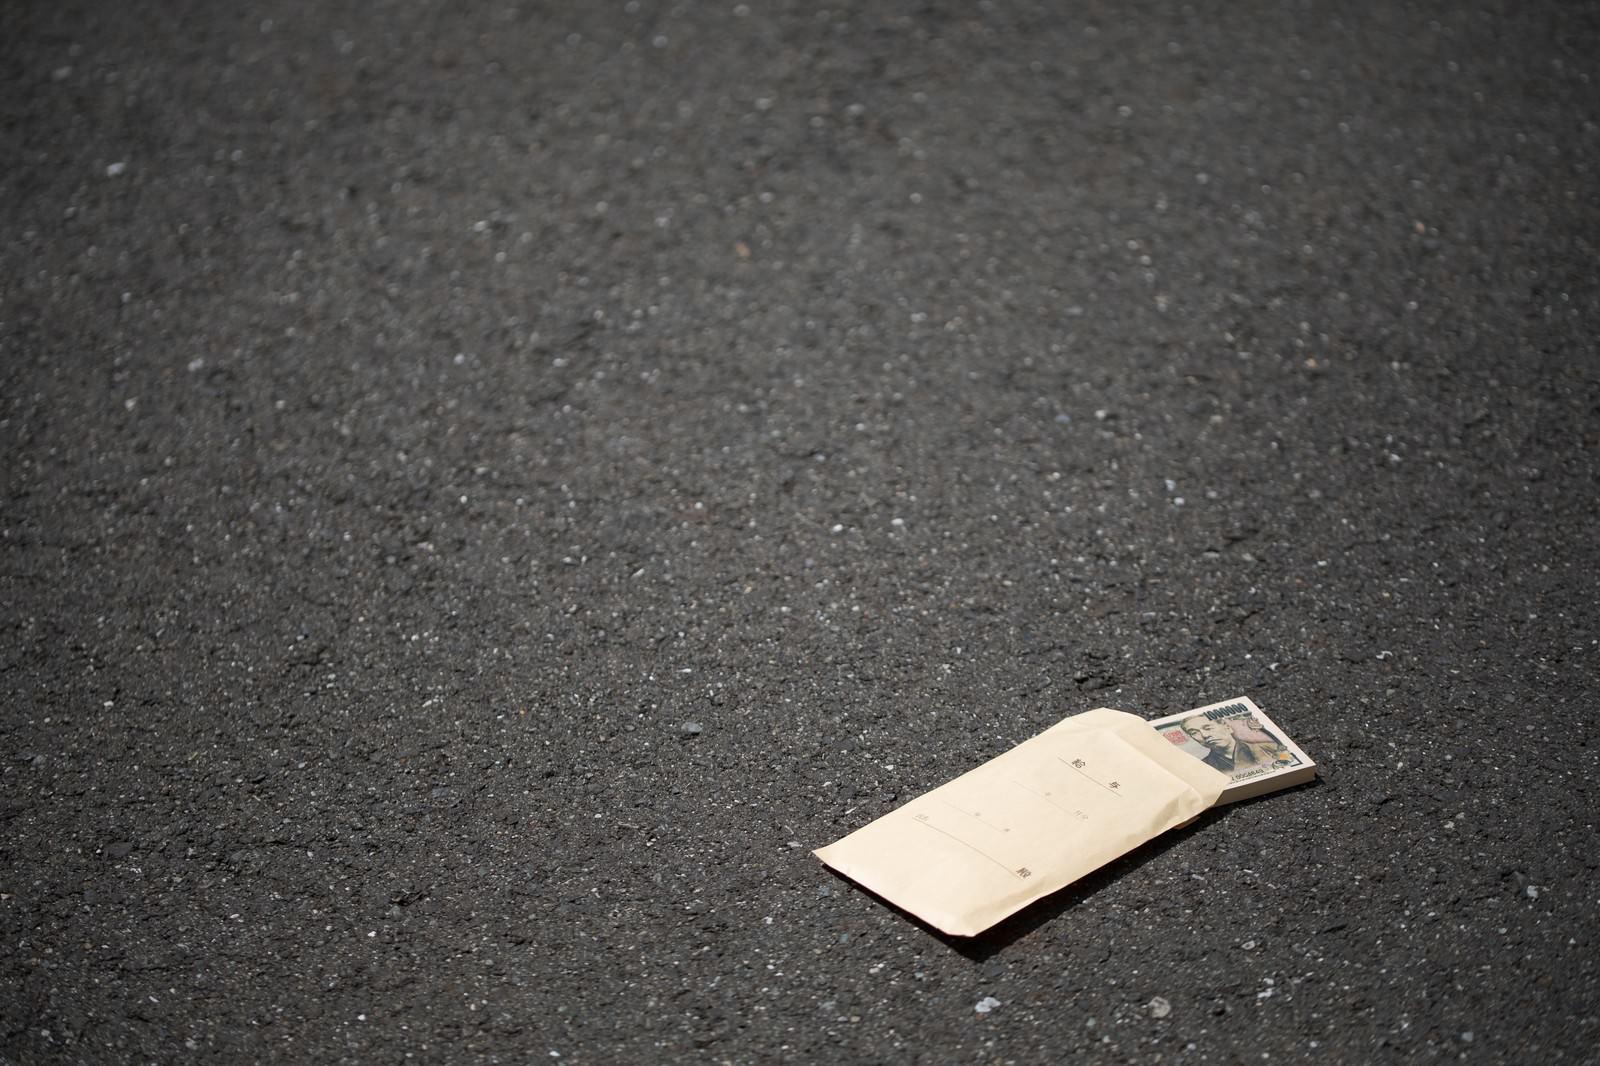 「道端に落ちた札束トラップ道端に落ちた札束トラップ」のフリー写真素材を拡大